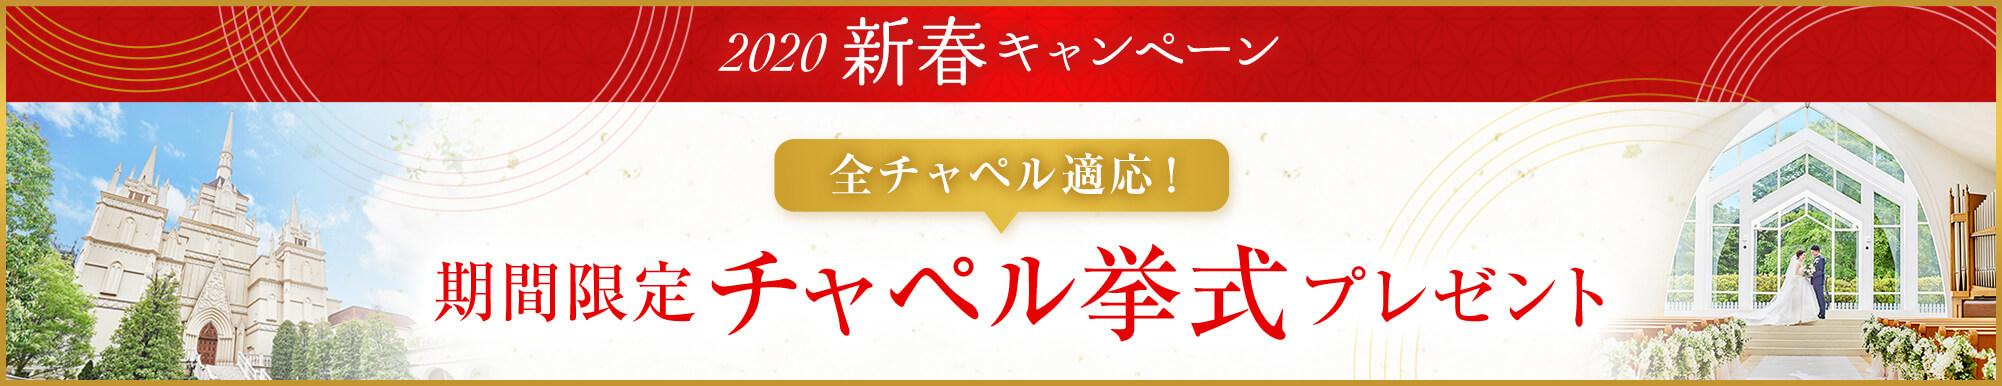 2020年新春キャンペーン 期間限定チャペル挙式プレゼント